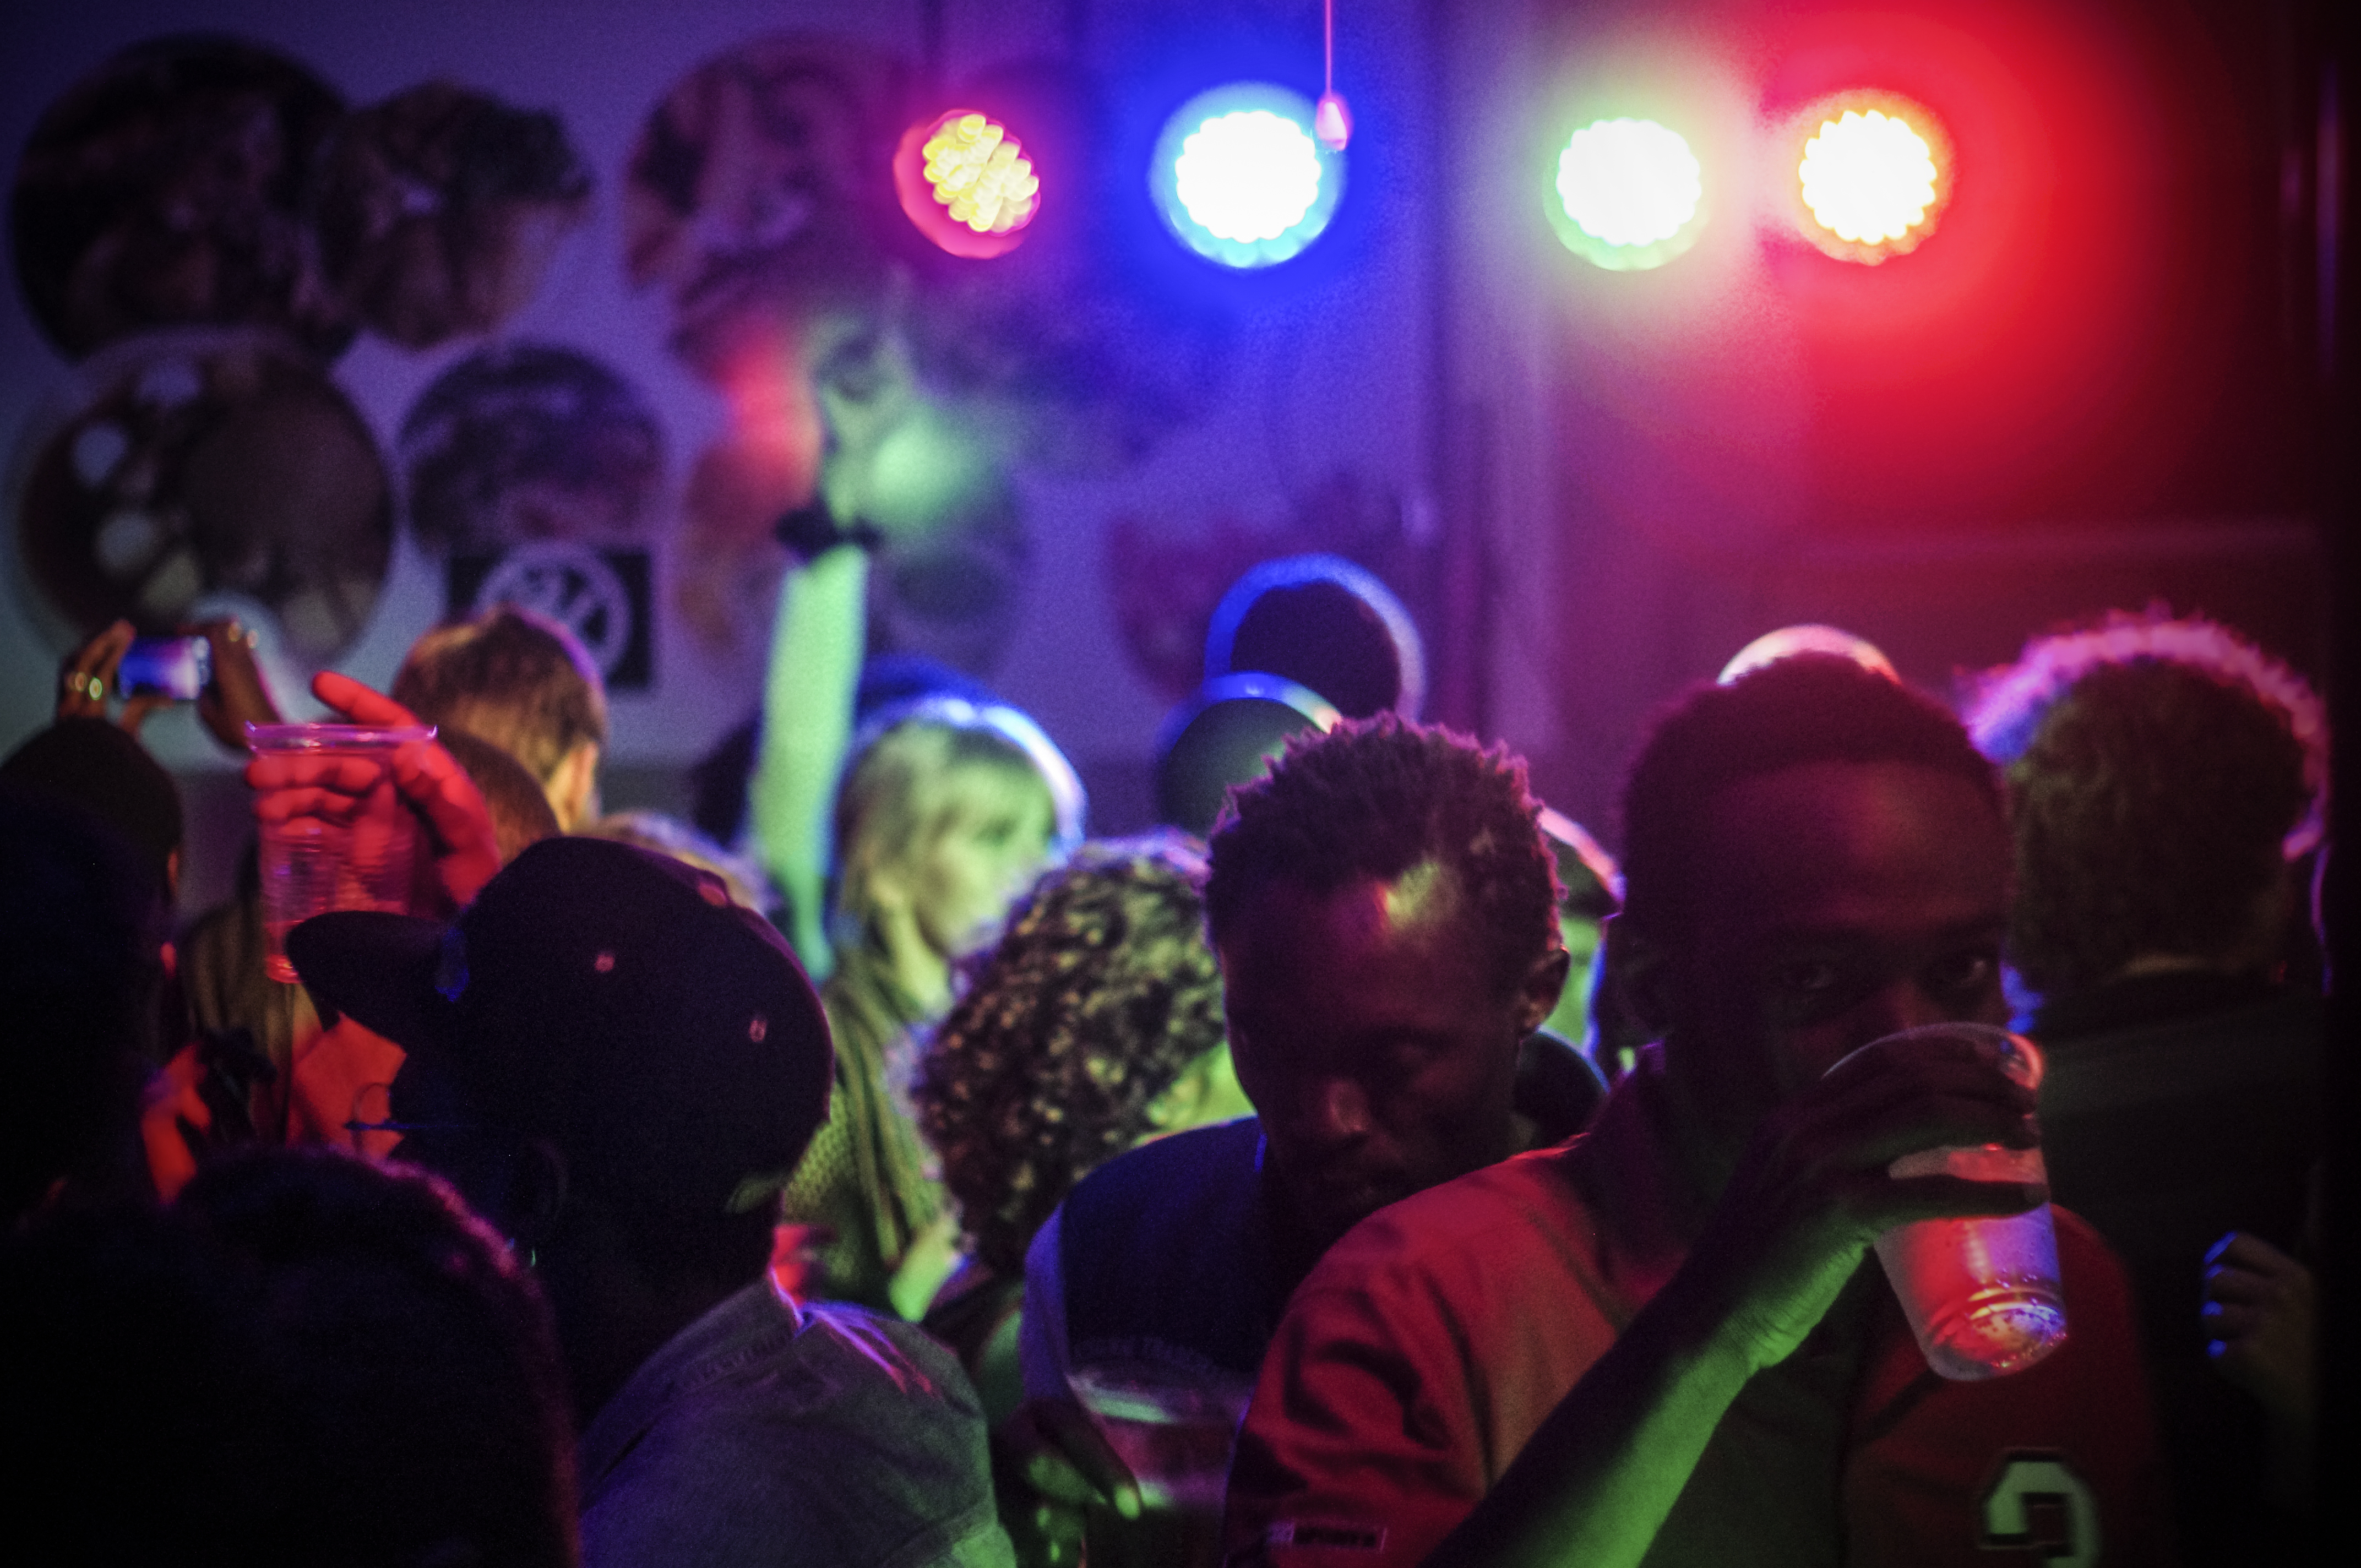 Una fiesta de Ten-Cities en el Pop Up Club de Nairobi. Fuente: © Lukas Richthammer